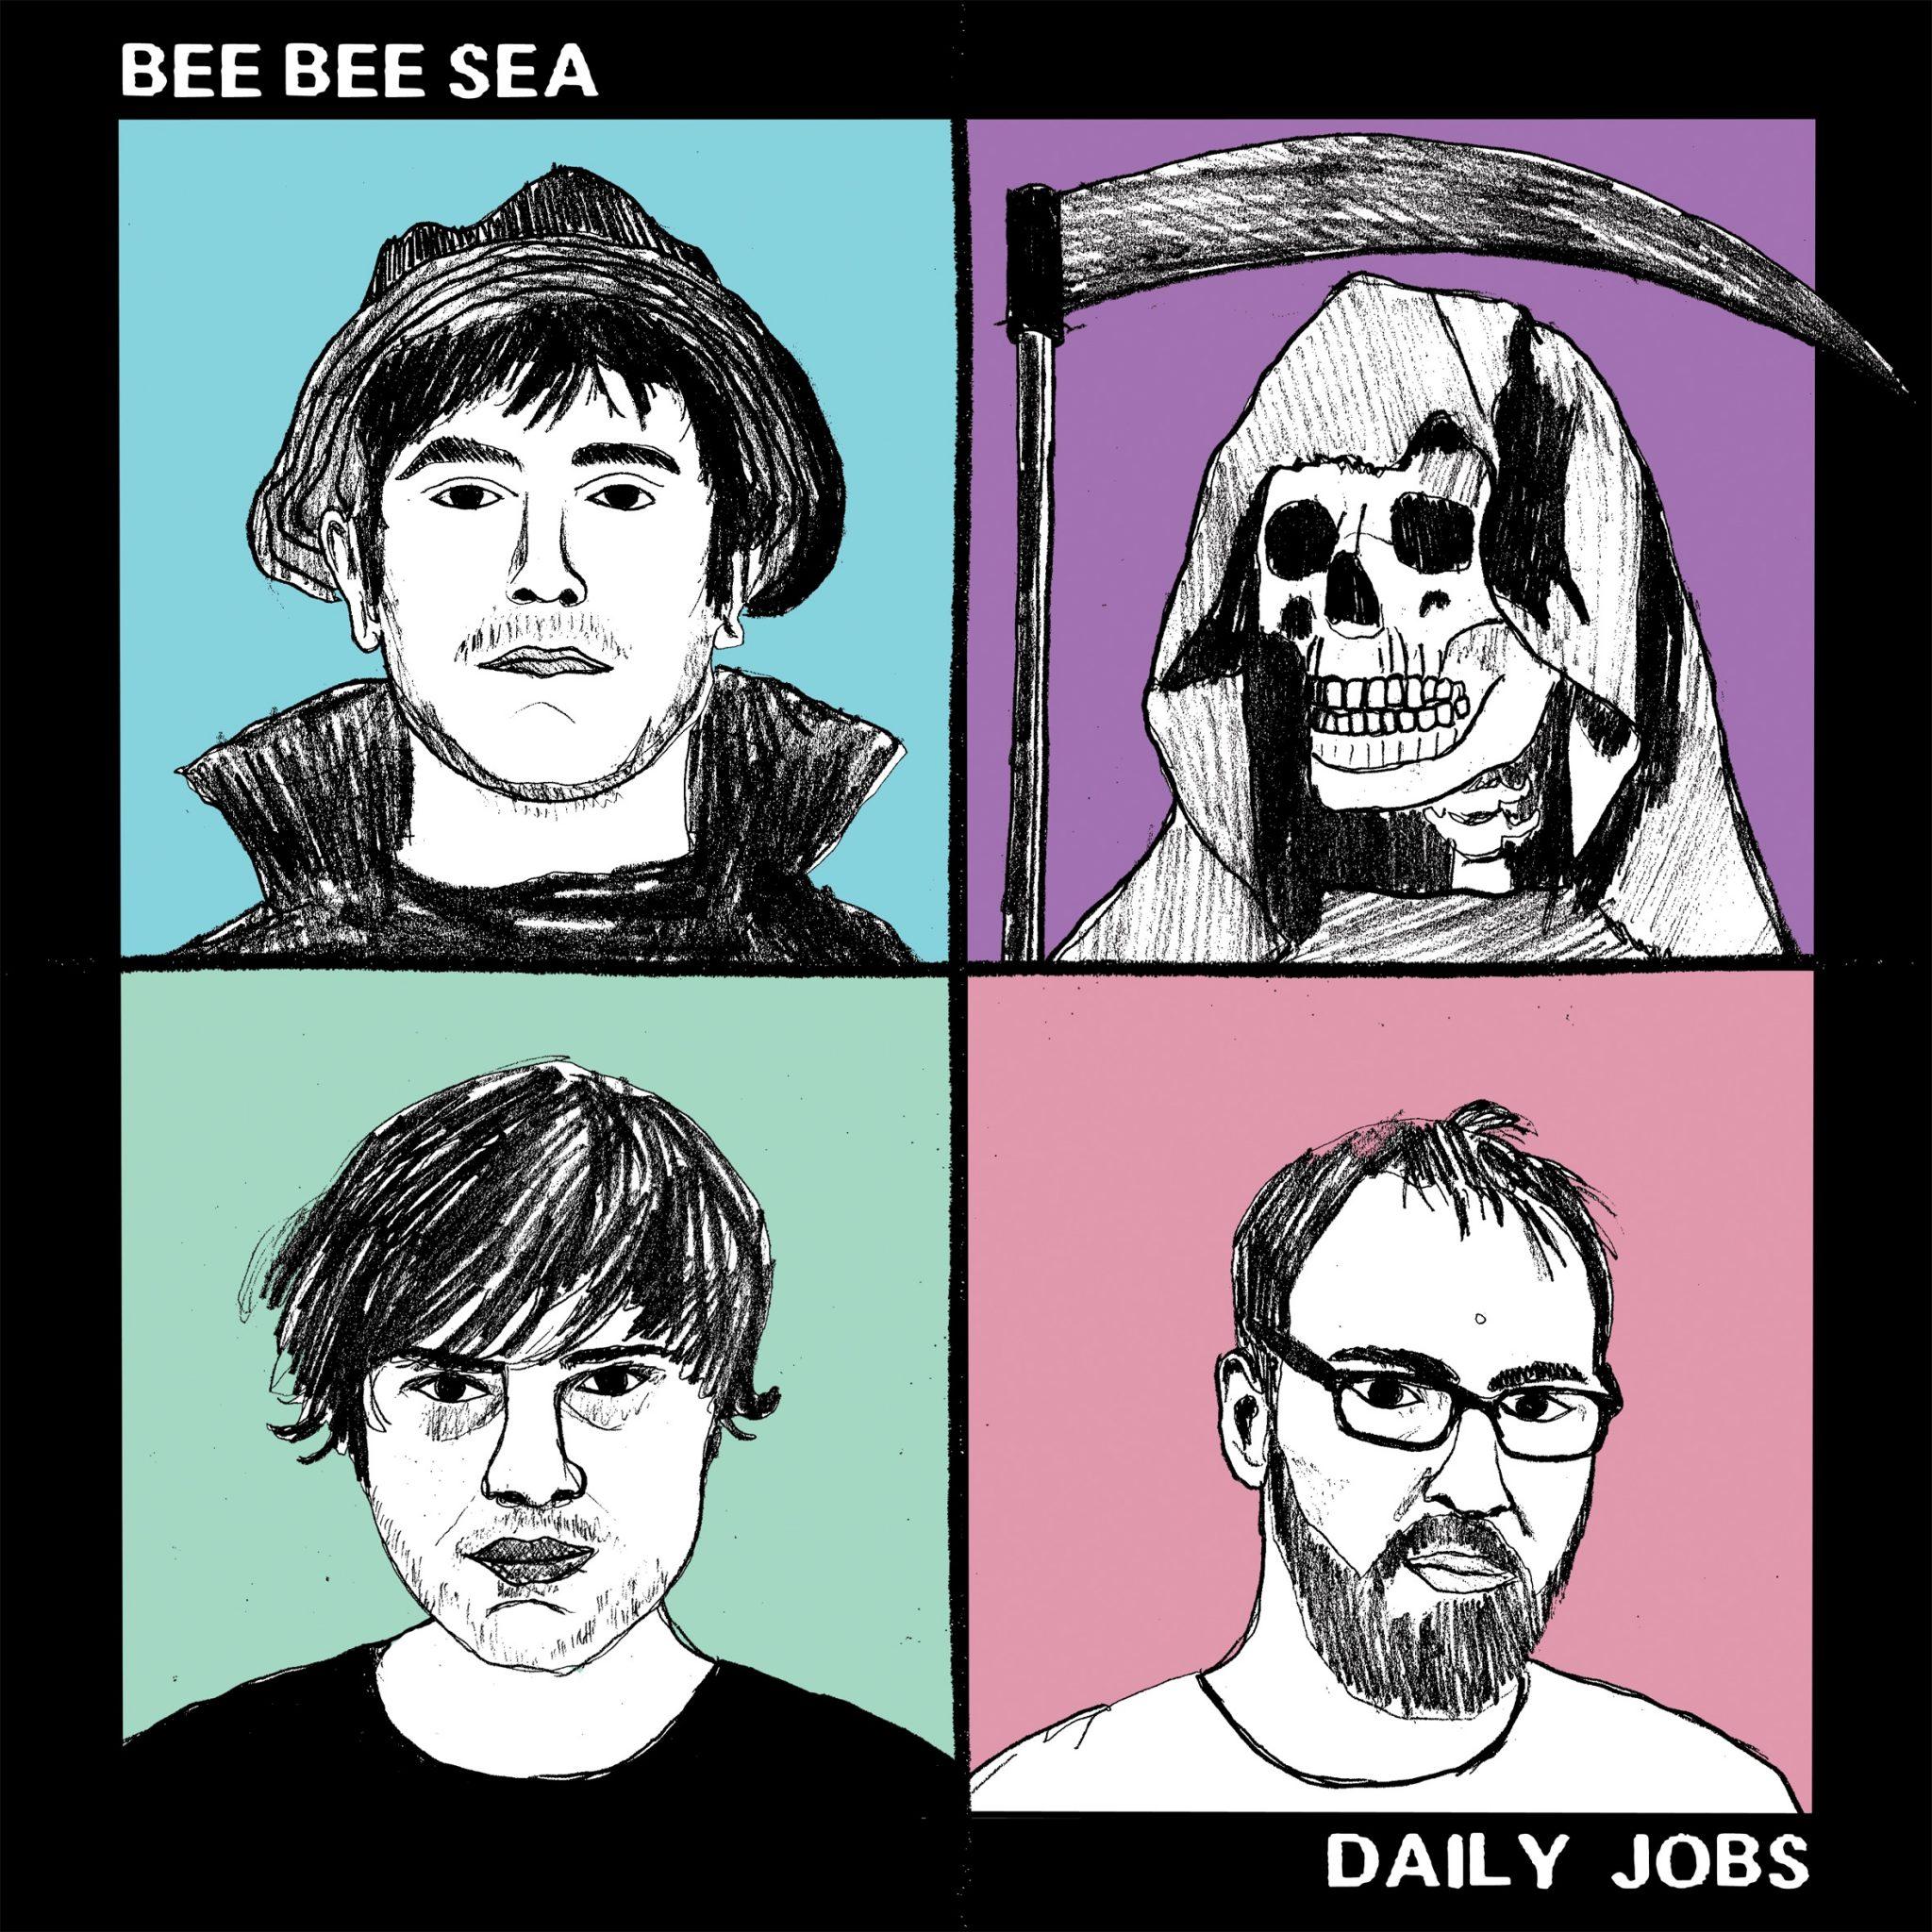 Bee Bee Sea - Daily Jobs